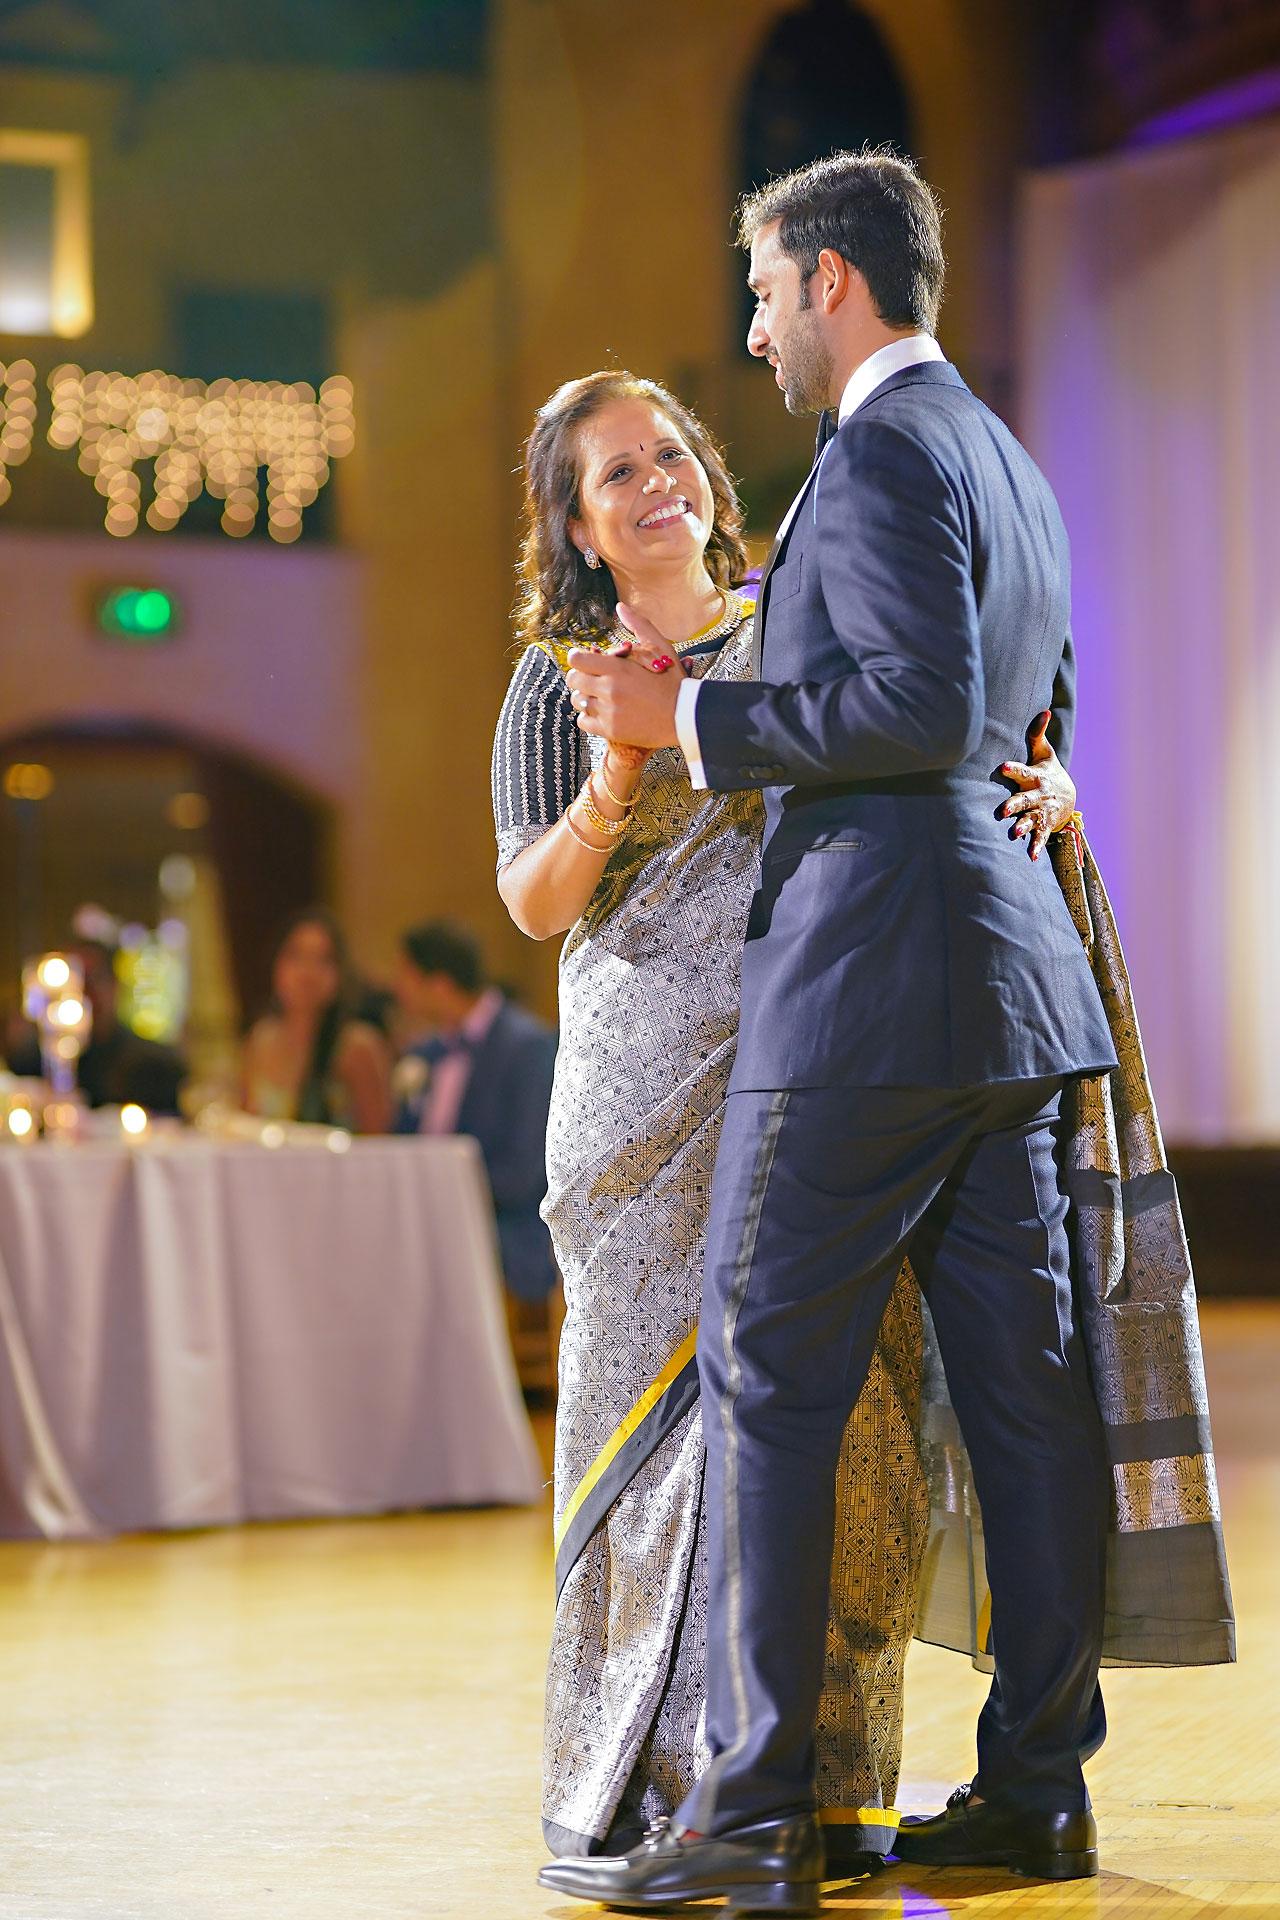 Shivani Kashyap Indianapolis Indian Wedding Reception 397